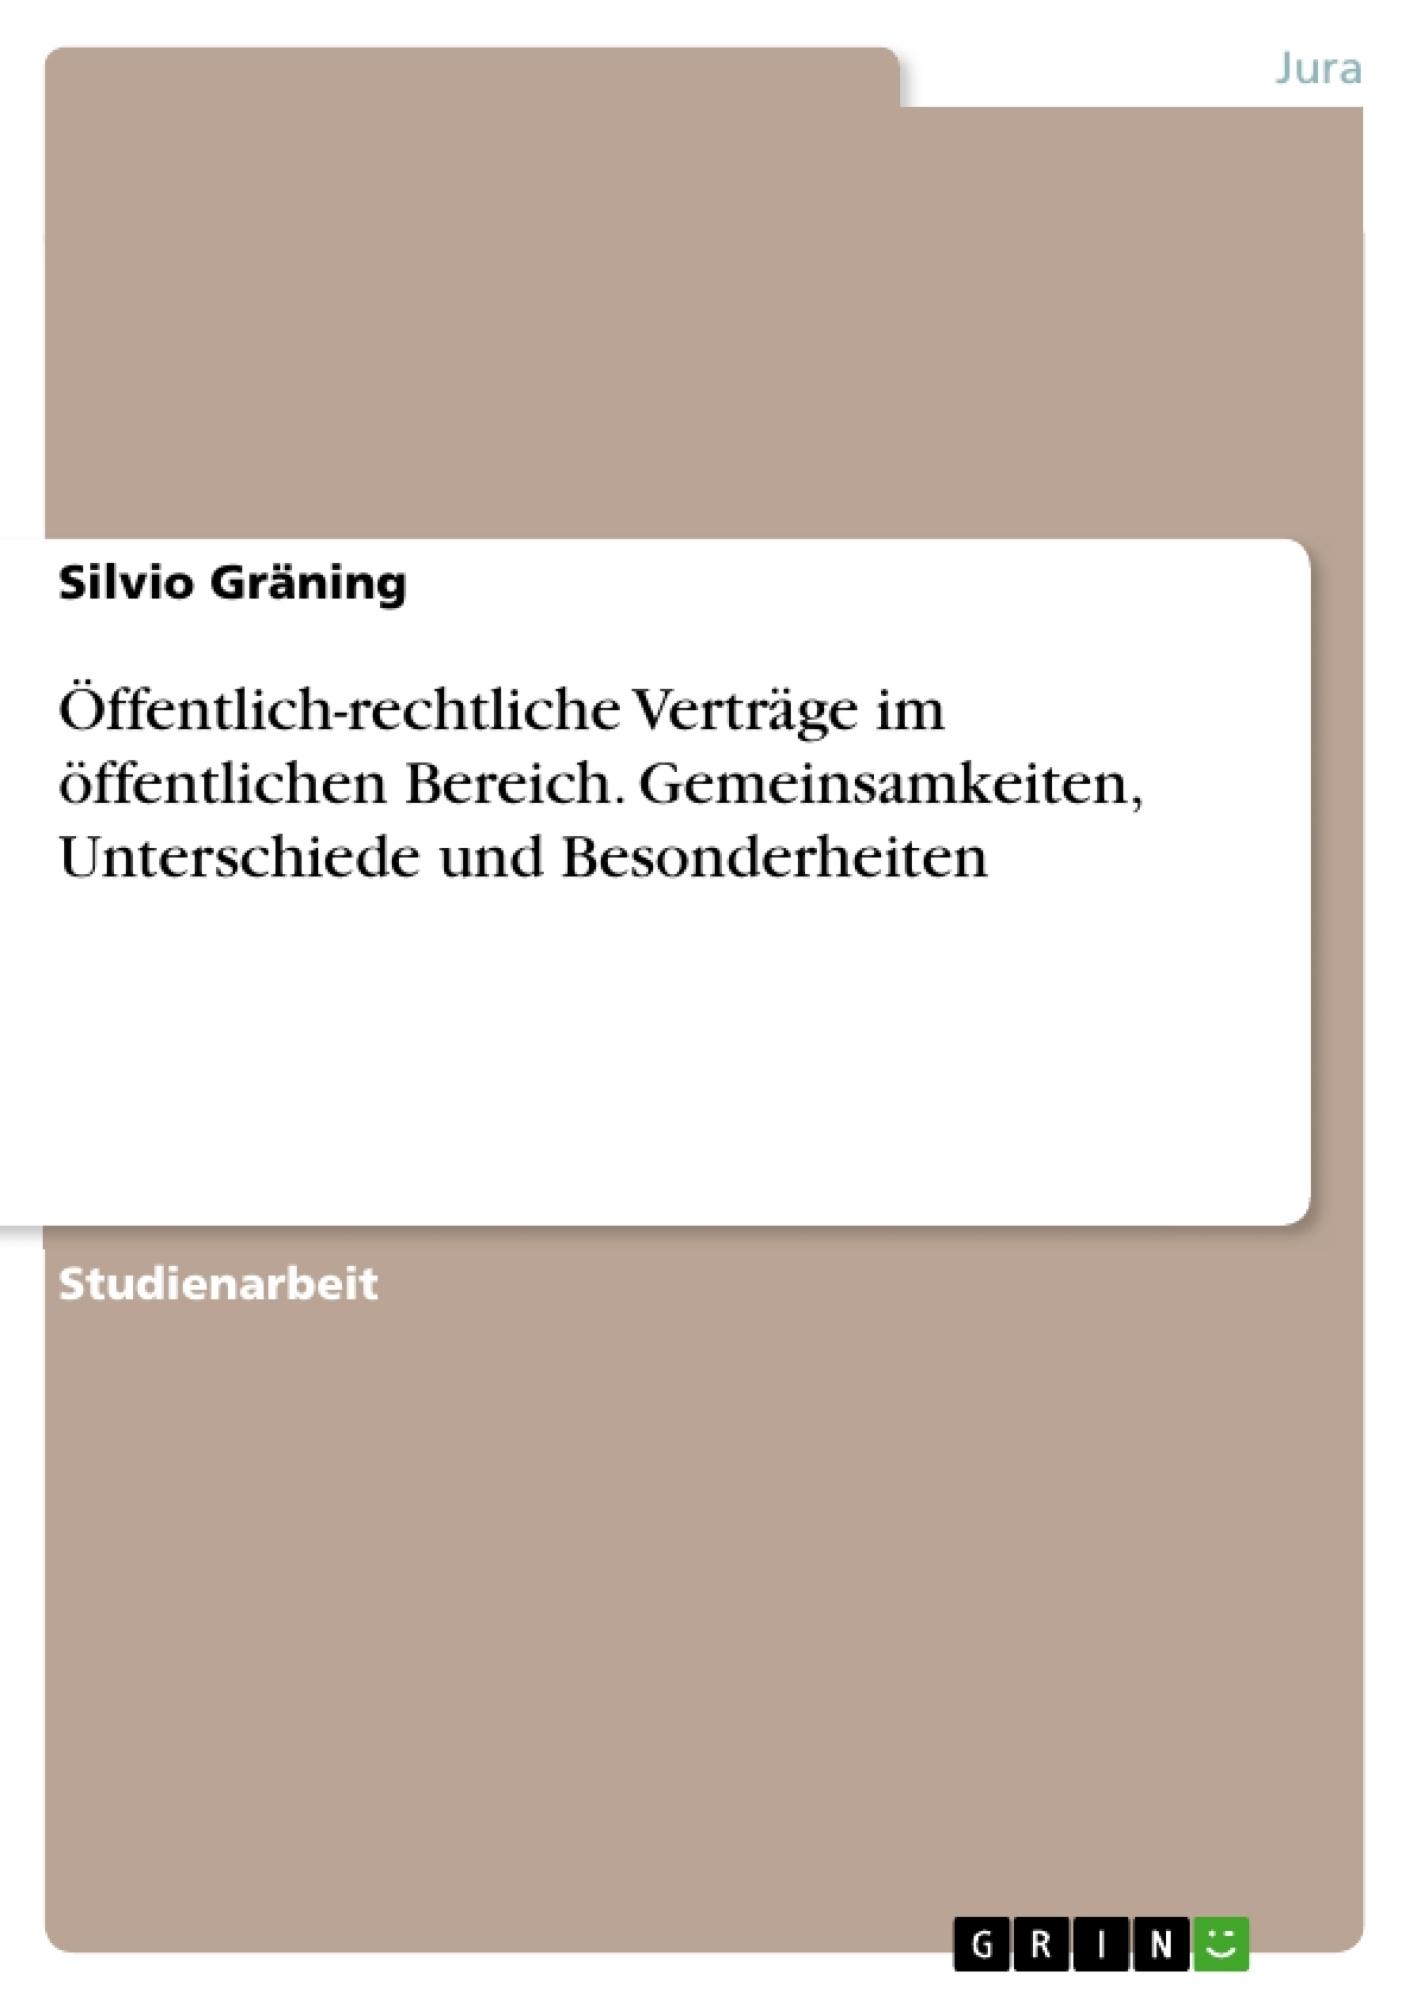 Titel: Öffentlich-rechtliche Verträge im öffentlichen Bereich. Gemeinsamkeiten, Unterschiede und Besonderheiten